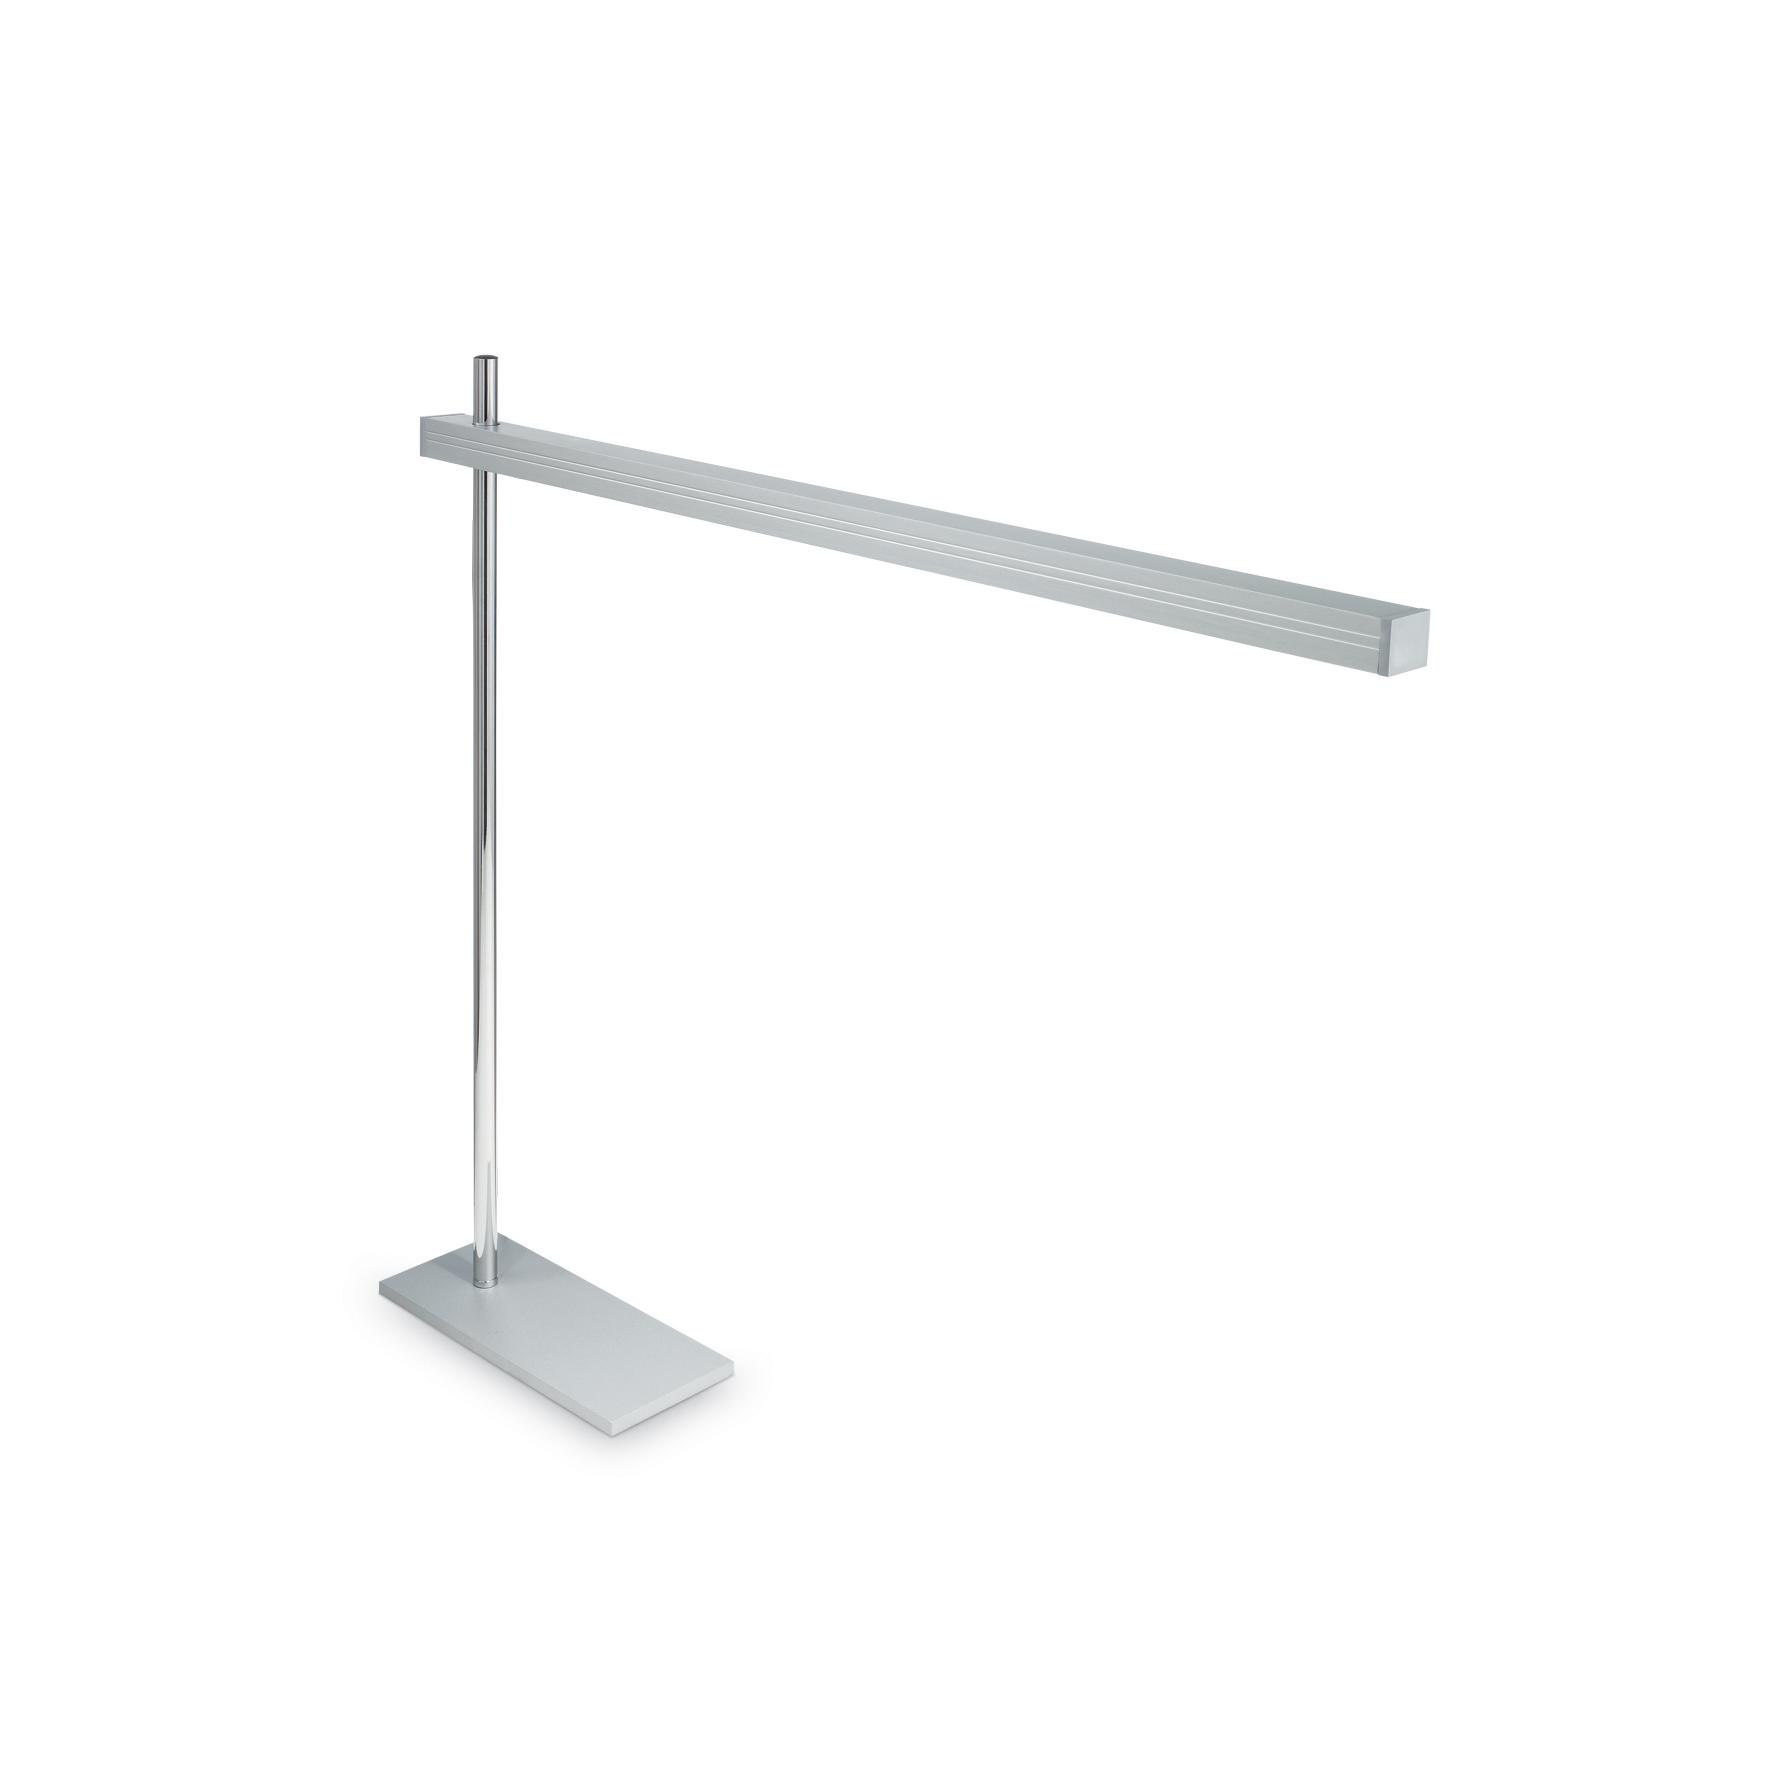 Lampa de birou Gru TL105 Aluminiu